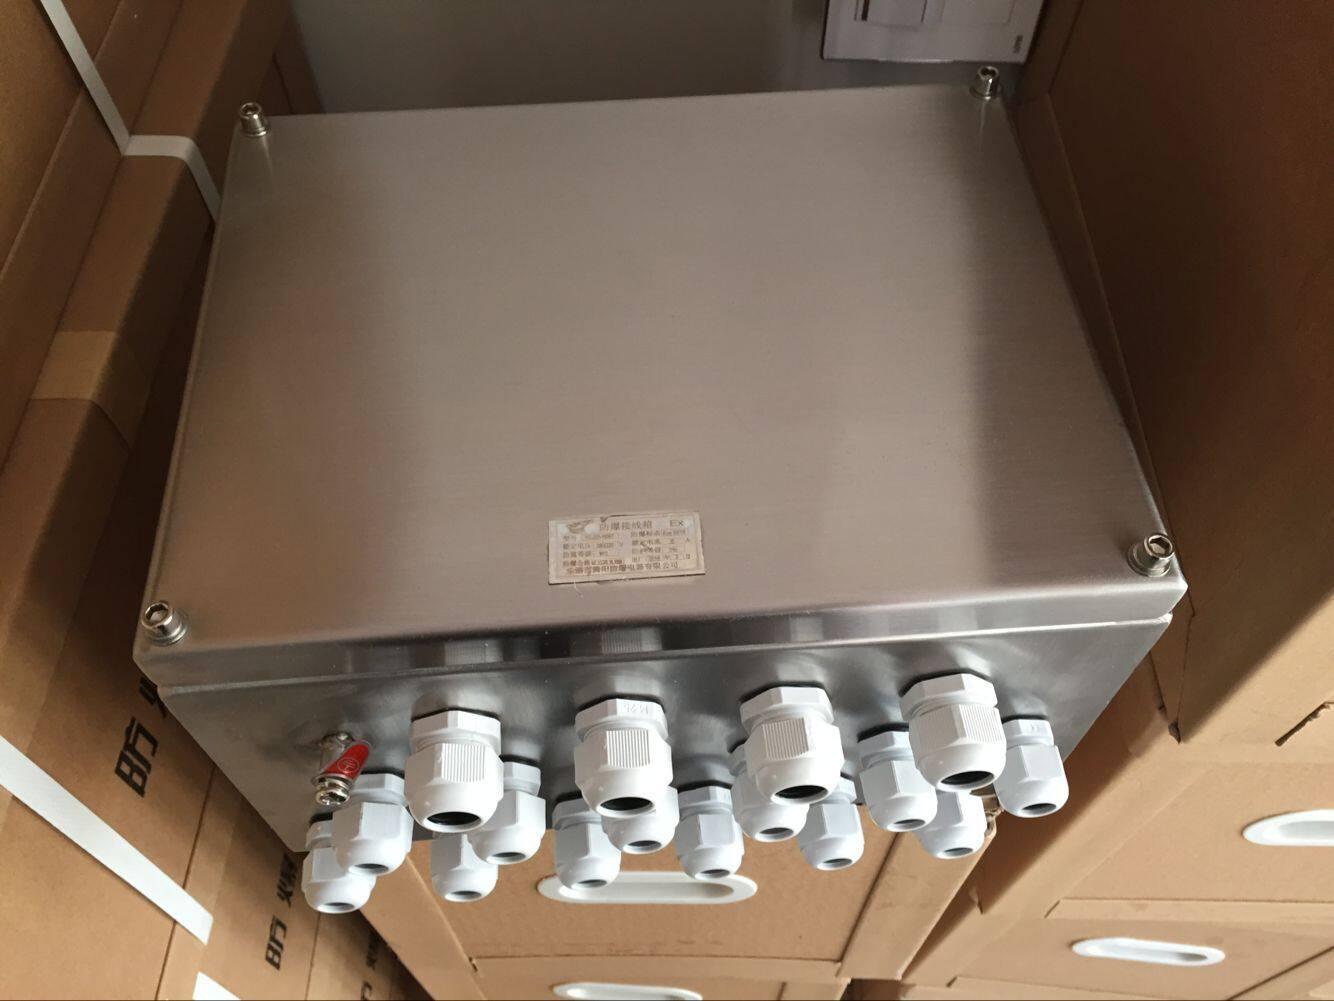 防爆接线箱需订购bjx防爆接线箱